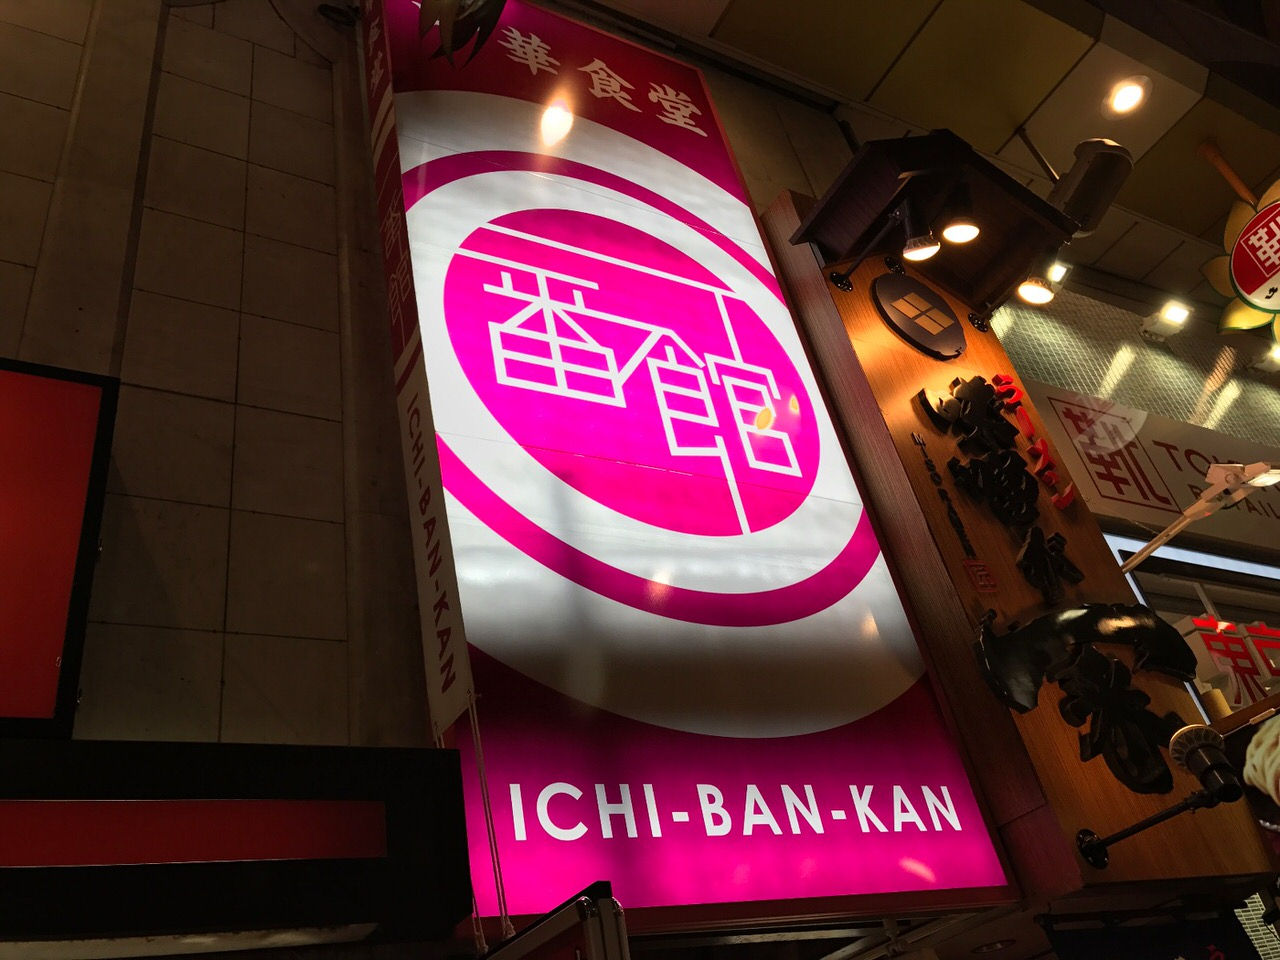 「一番館 中野サンモール店」酎ハイ100円の衝撃!ラーメン290円、なんだこのコストパフォーマンスは、大衆酒場みたいだ。